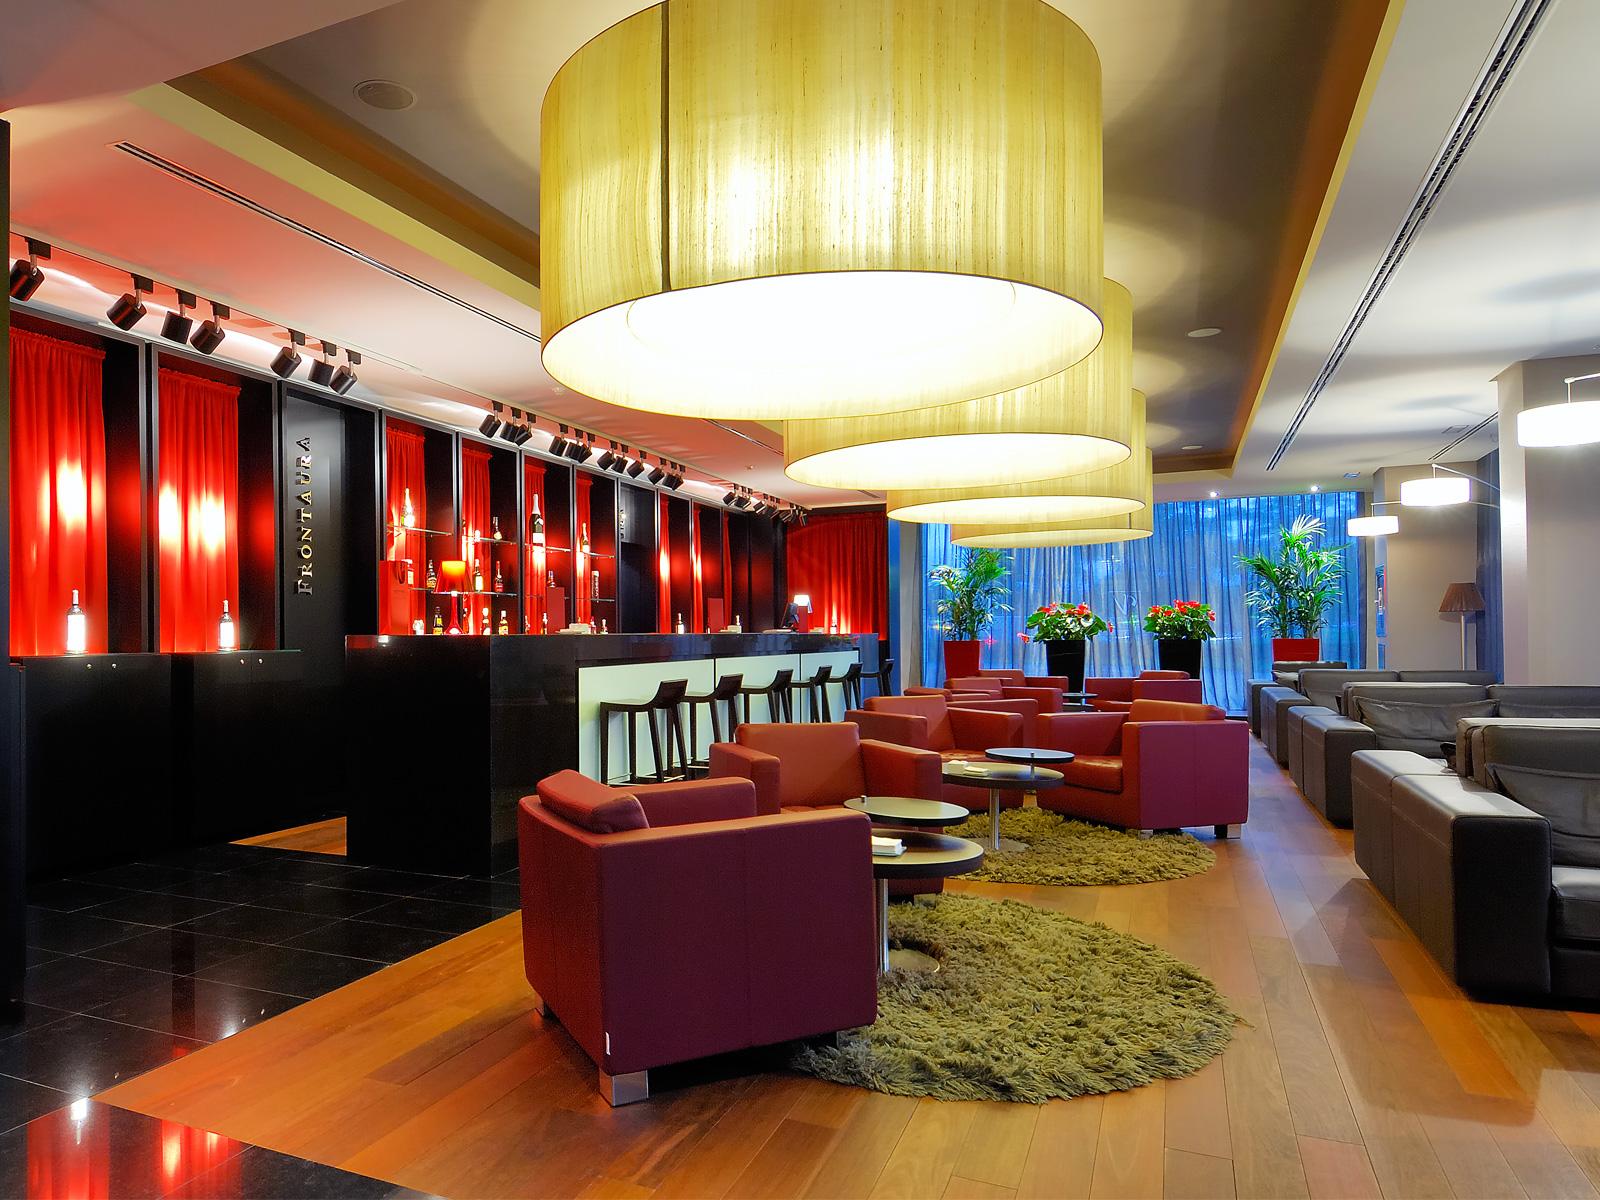 Intérieur-Hotel Valladolid Frontaura - Vincci Hoteles